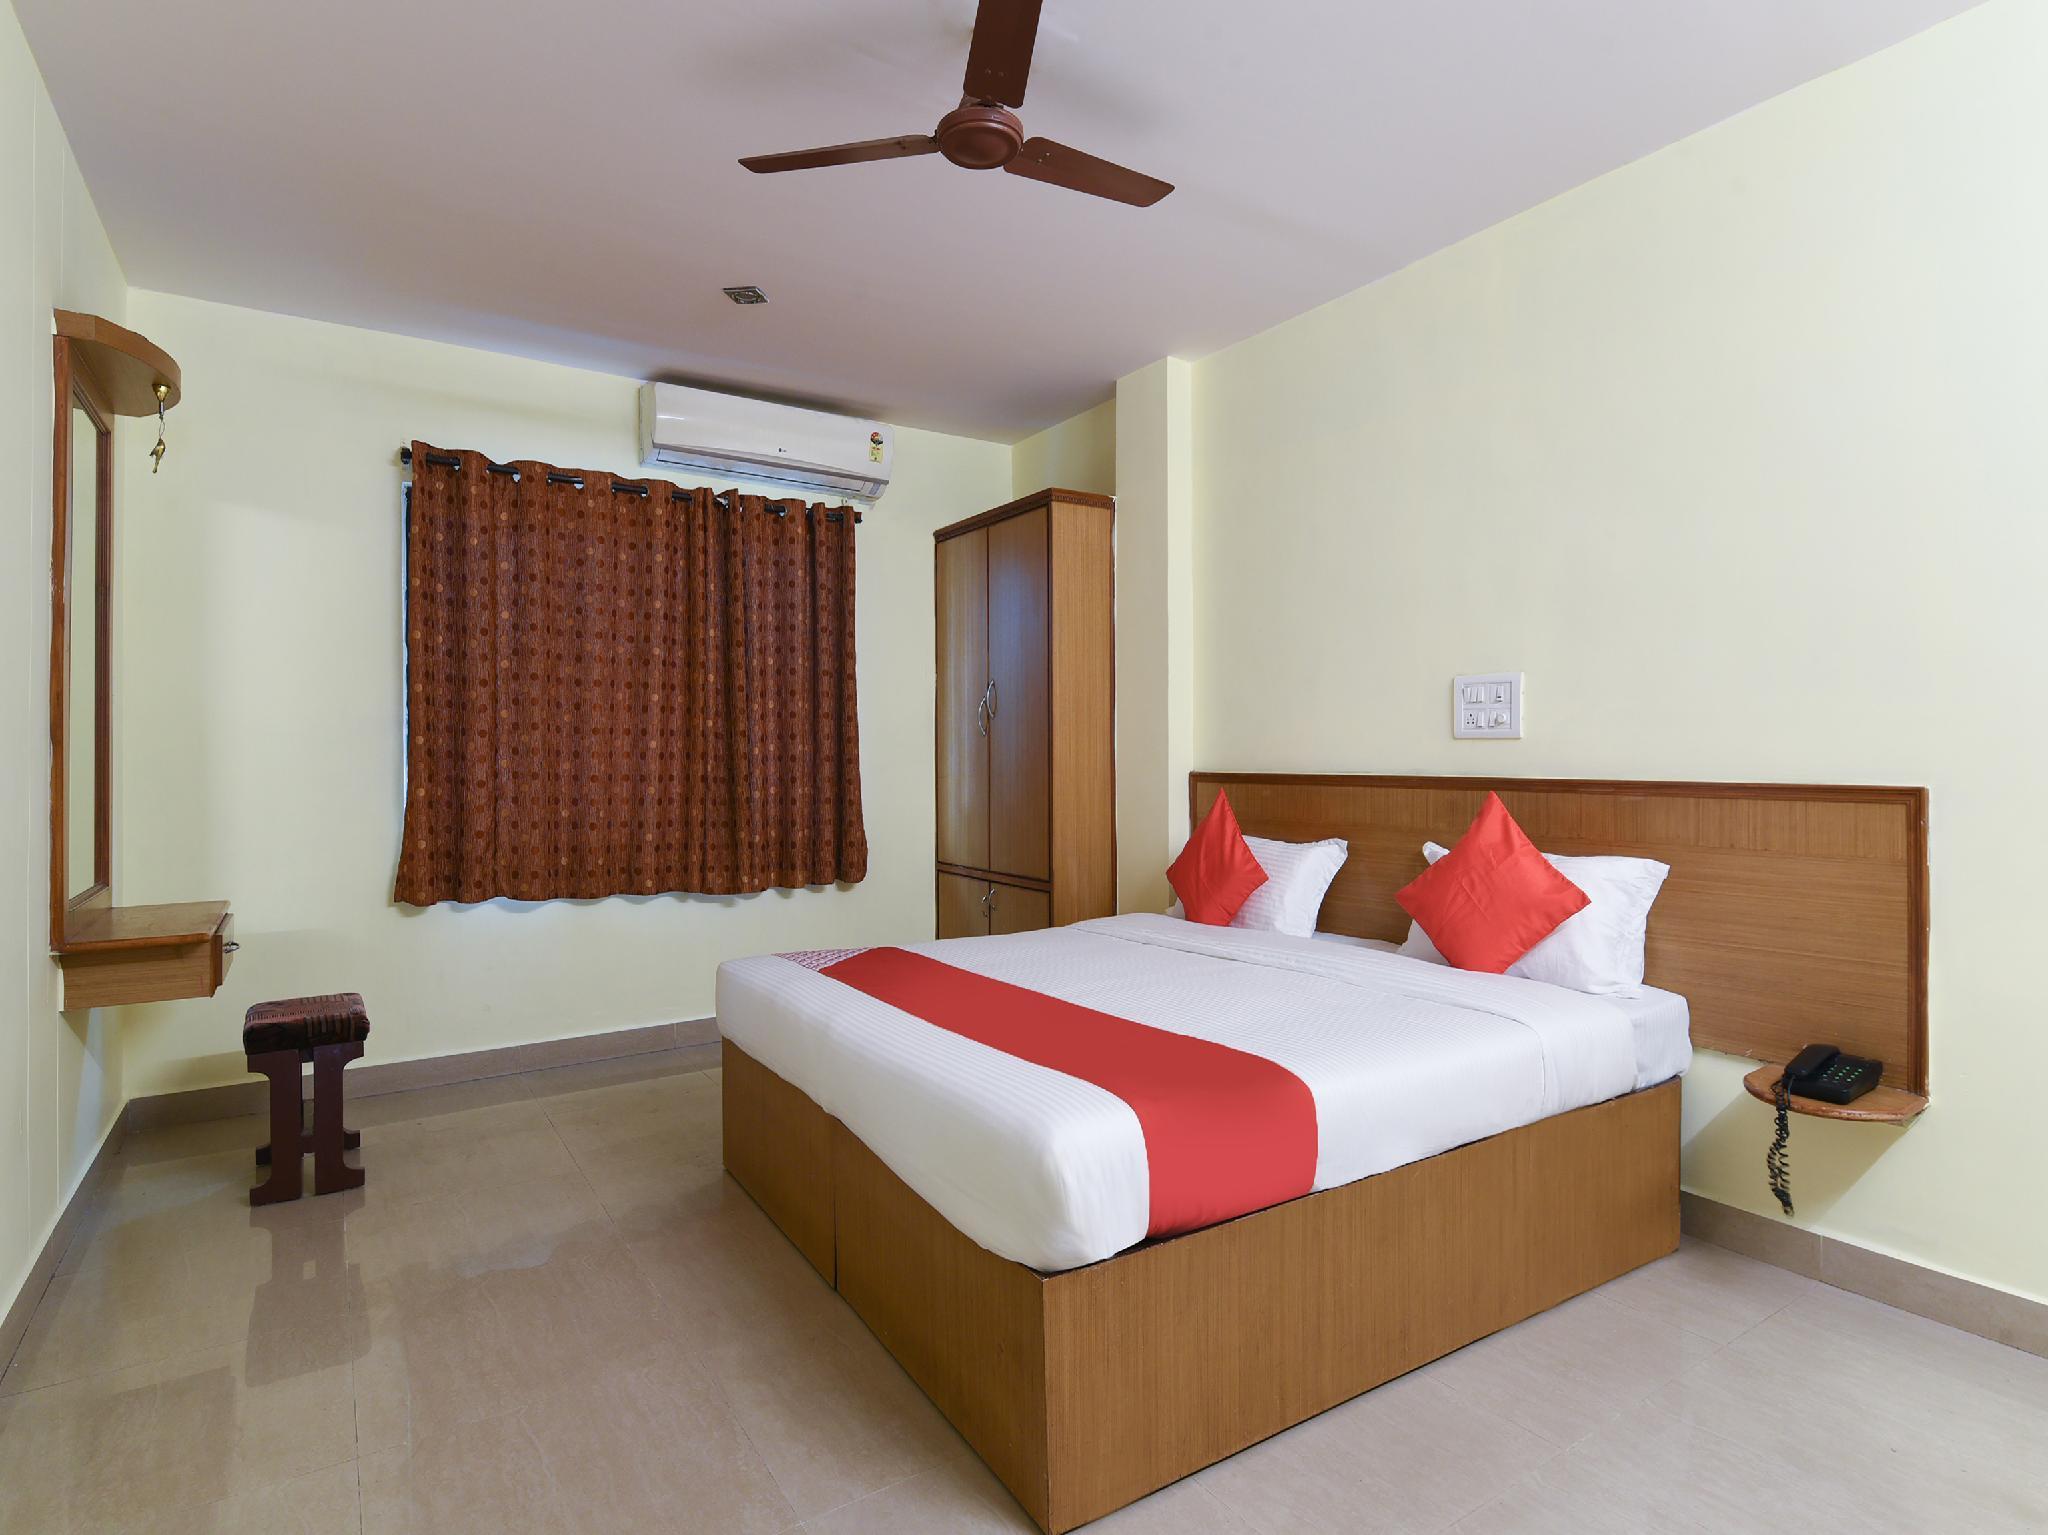 OYO 18993 Hotel Jyoti Swaroopa